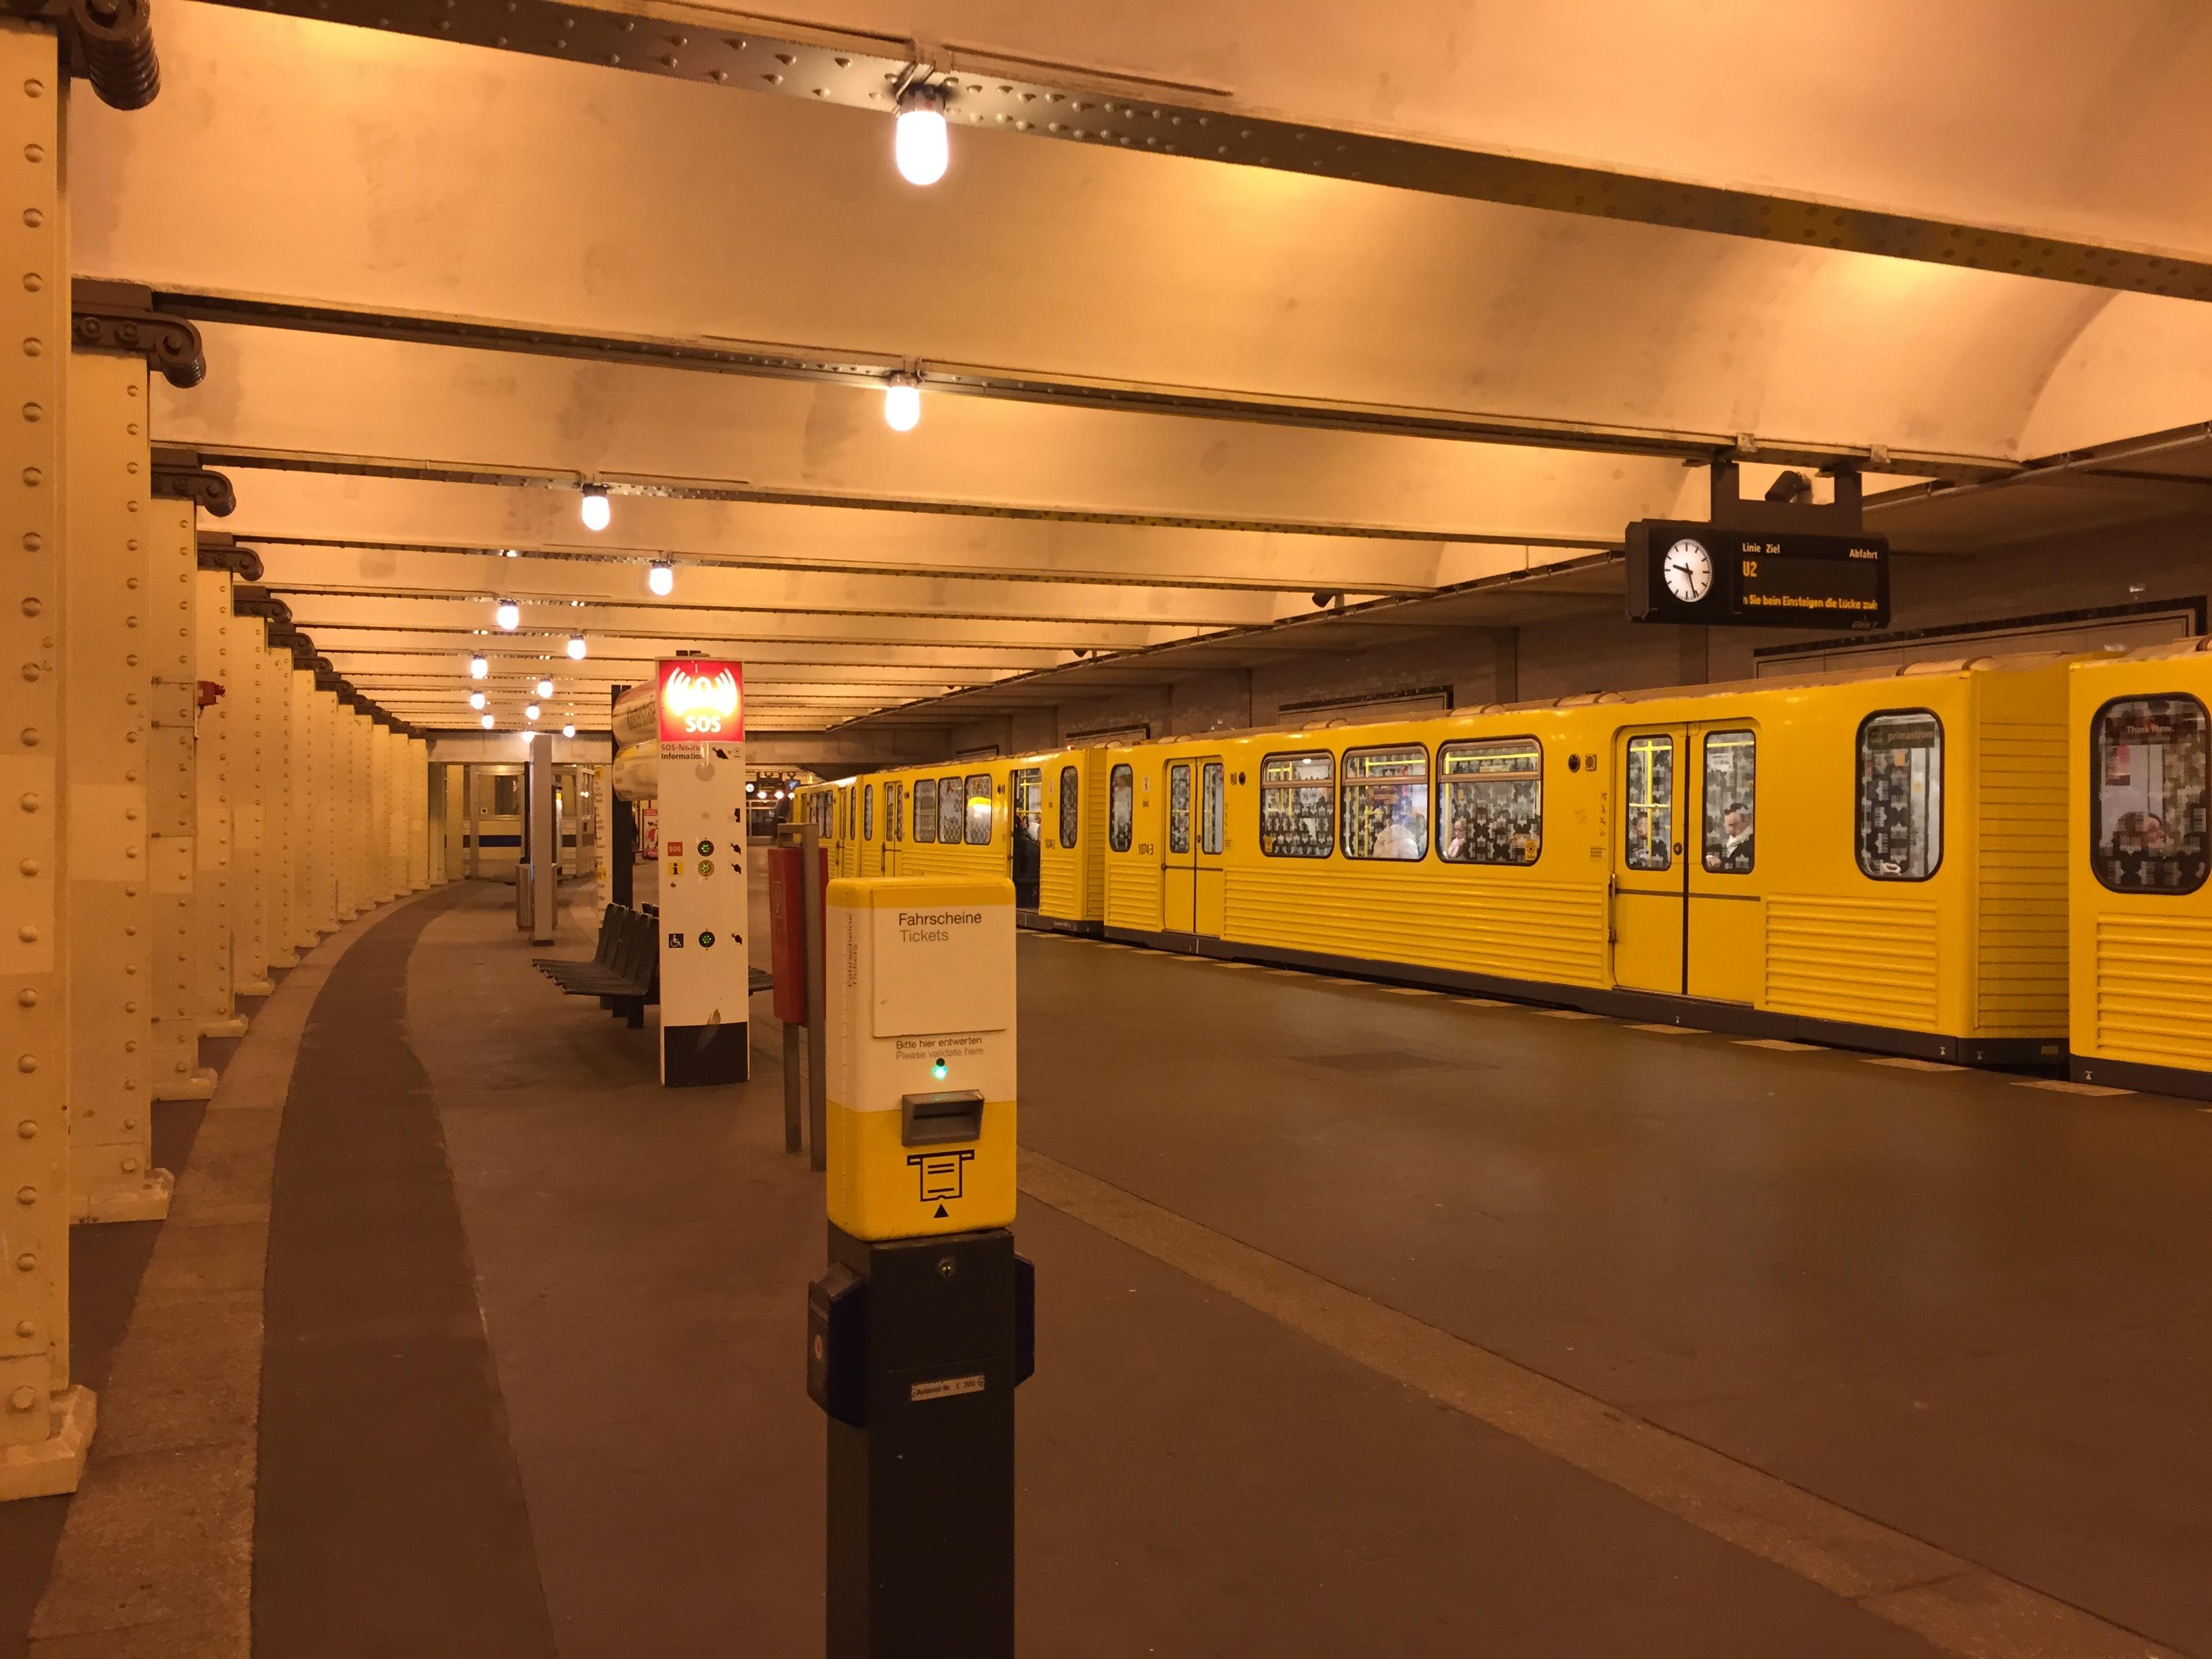 「ベルリン地下鉄 検札員」の画像検索結果